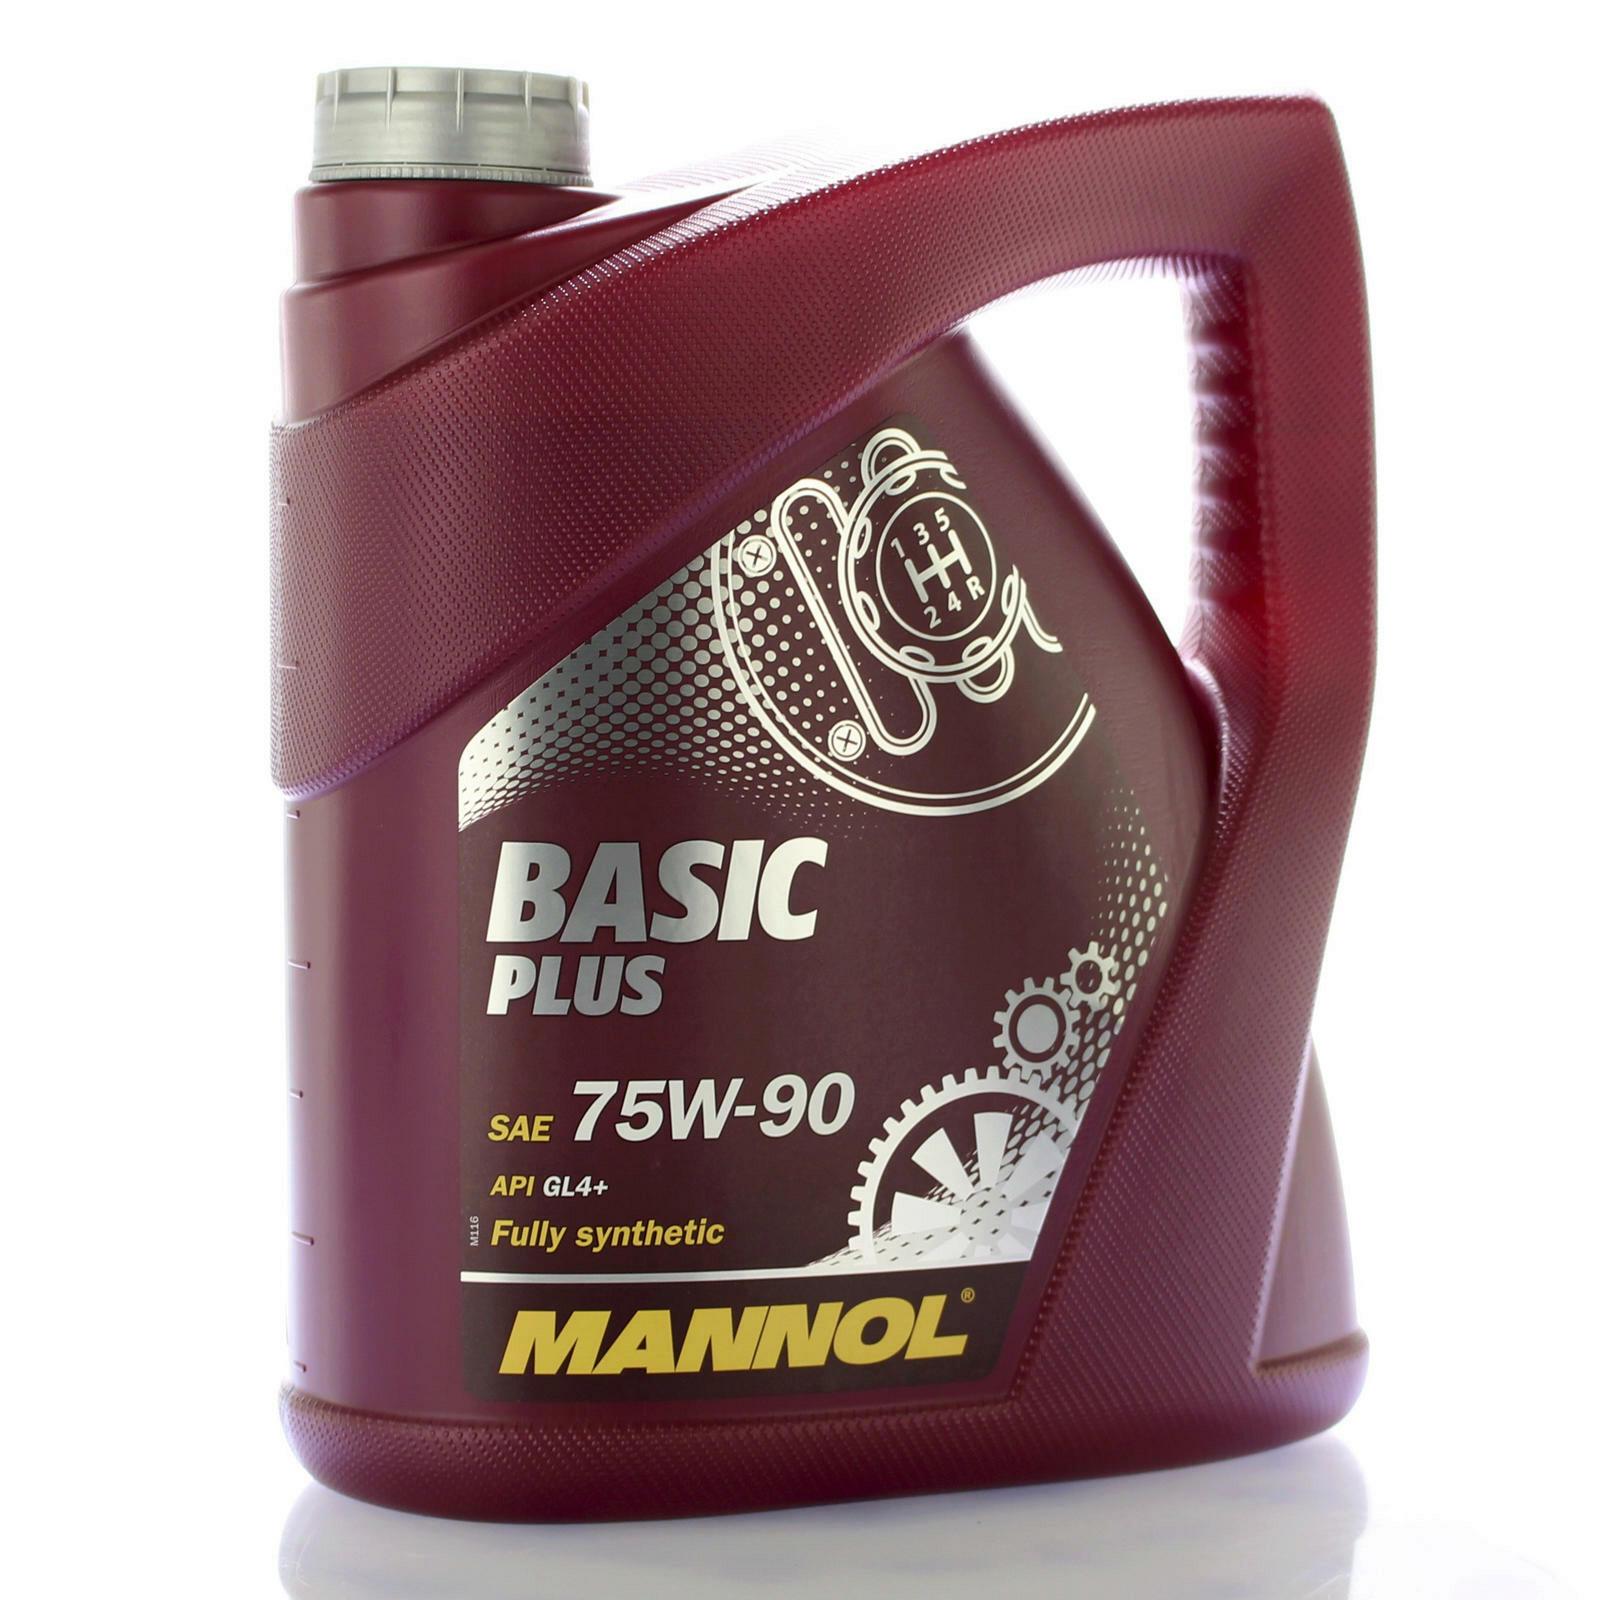 Mannol Basic Plus Getriebeöl 4L 75W-90